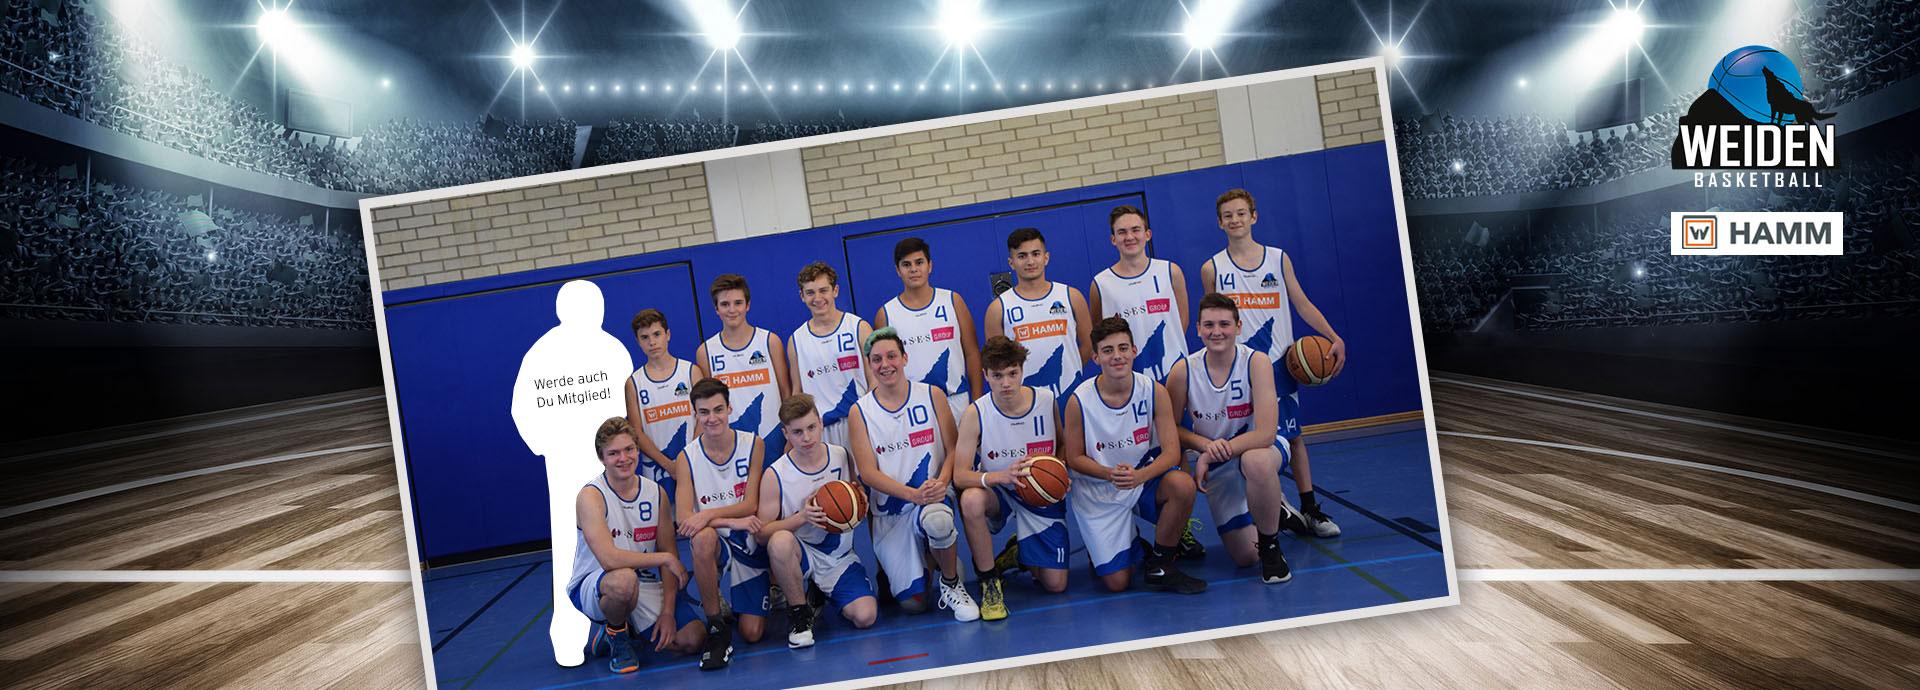 Weiden Basketball